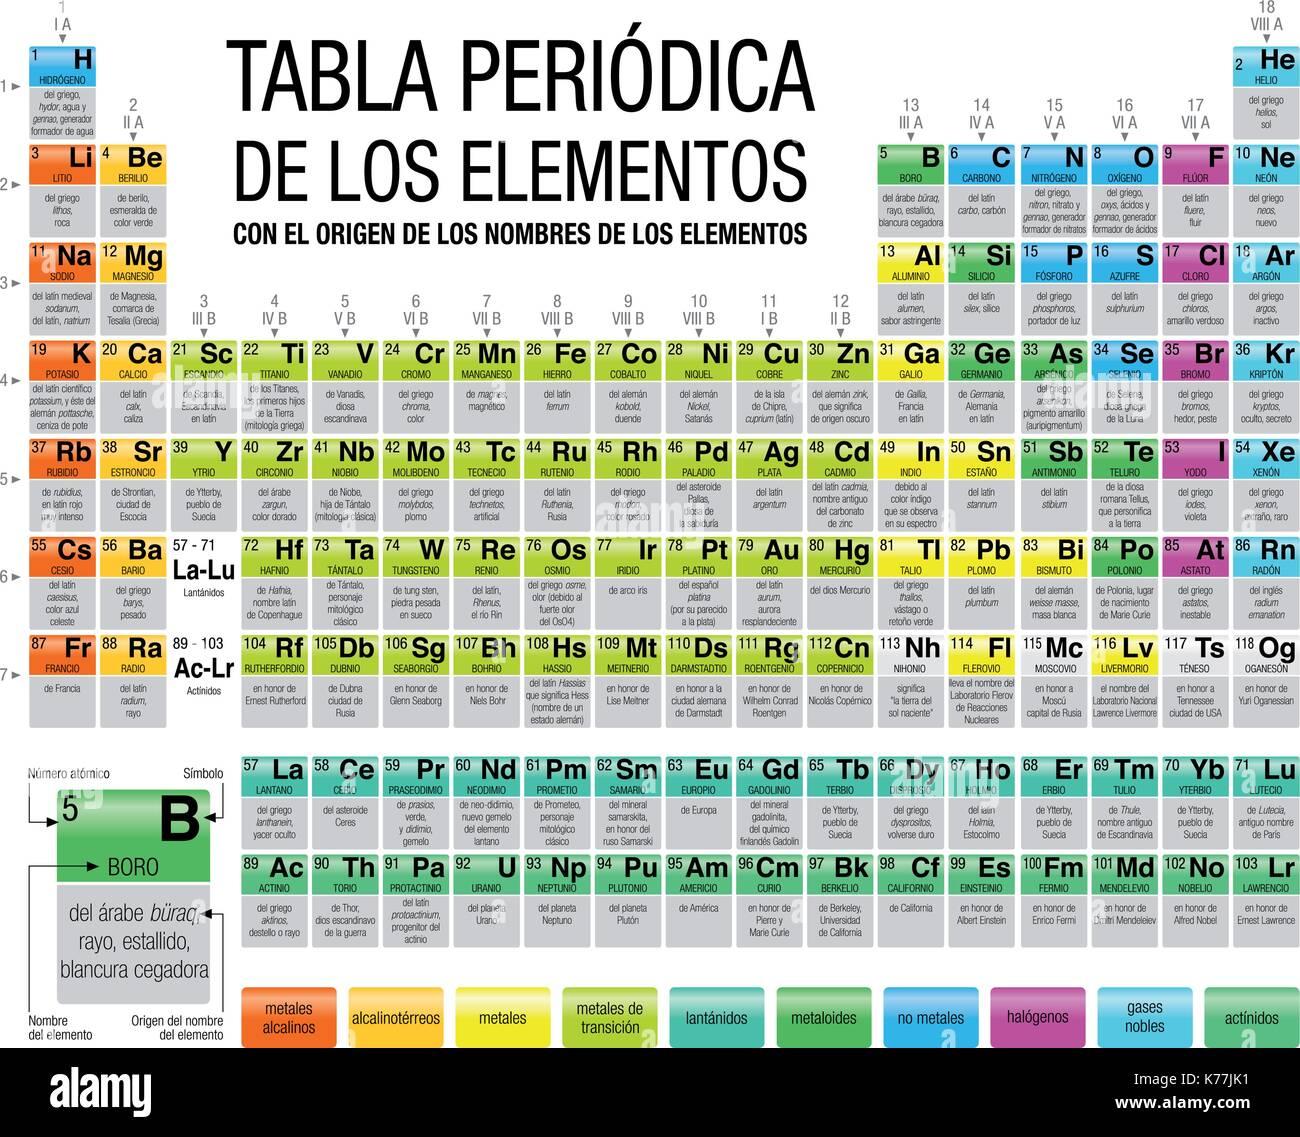 Periodica imgenes de stock periodica fotos de stock alamy tabla peridica de los elementos con el origen de los nombres de los elementos tabla urtaz Gallery